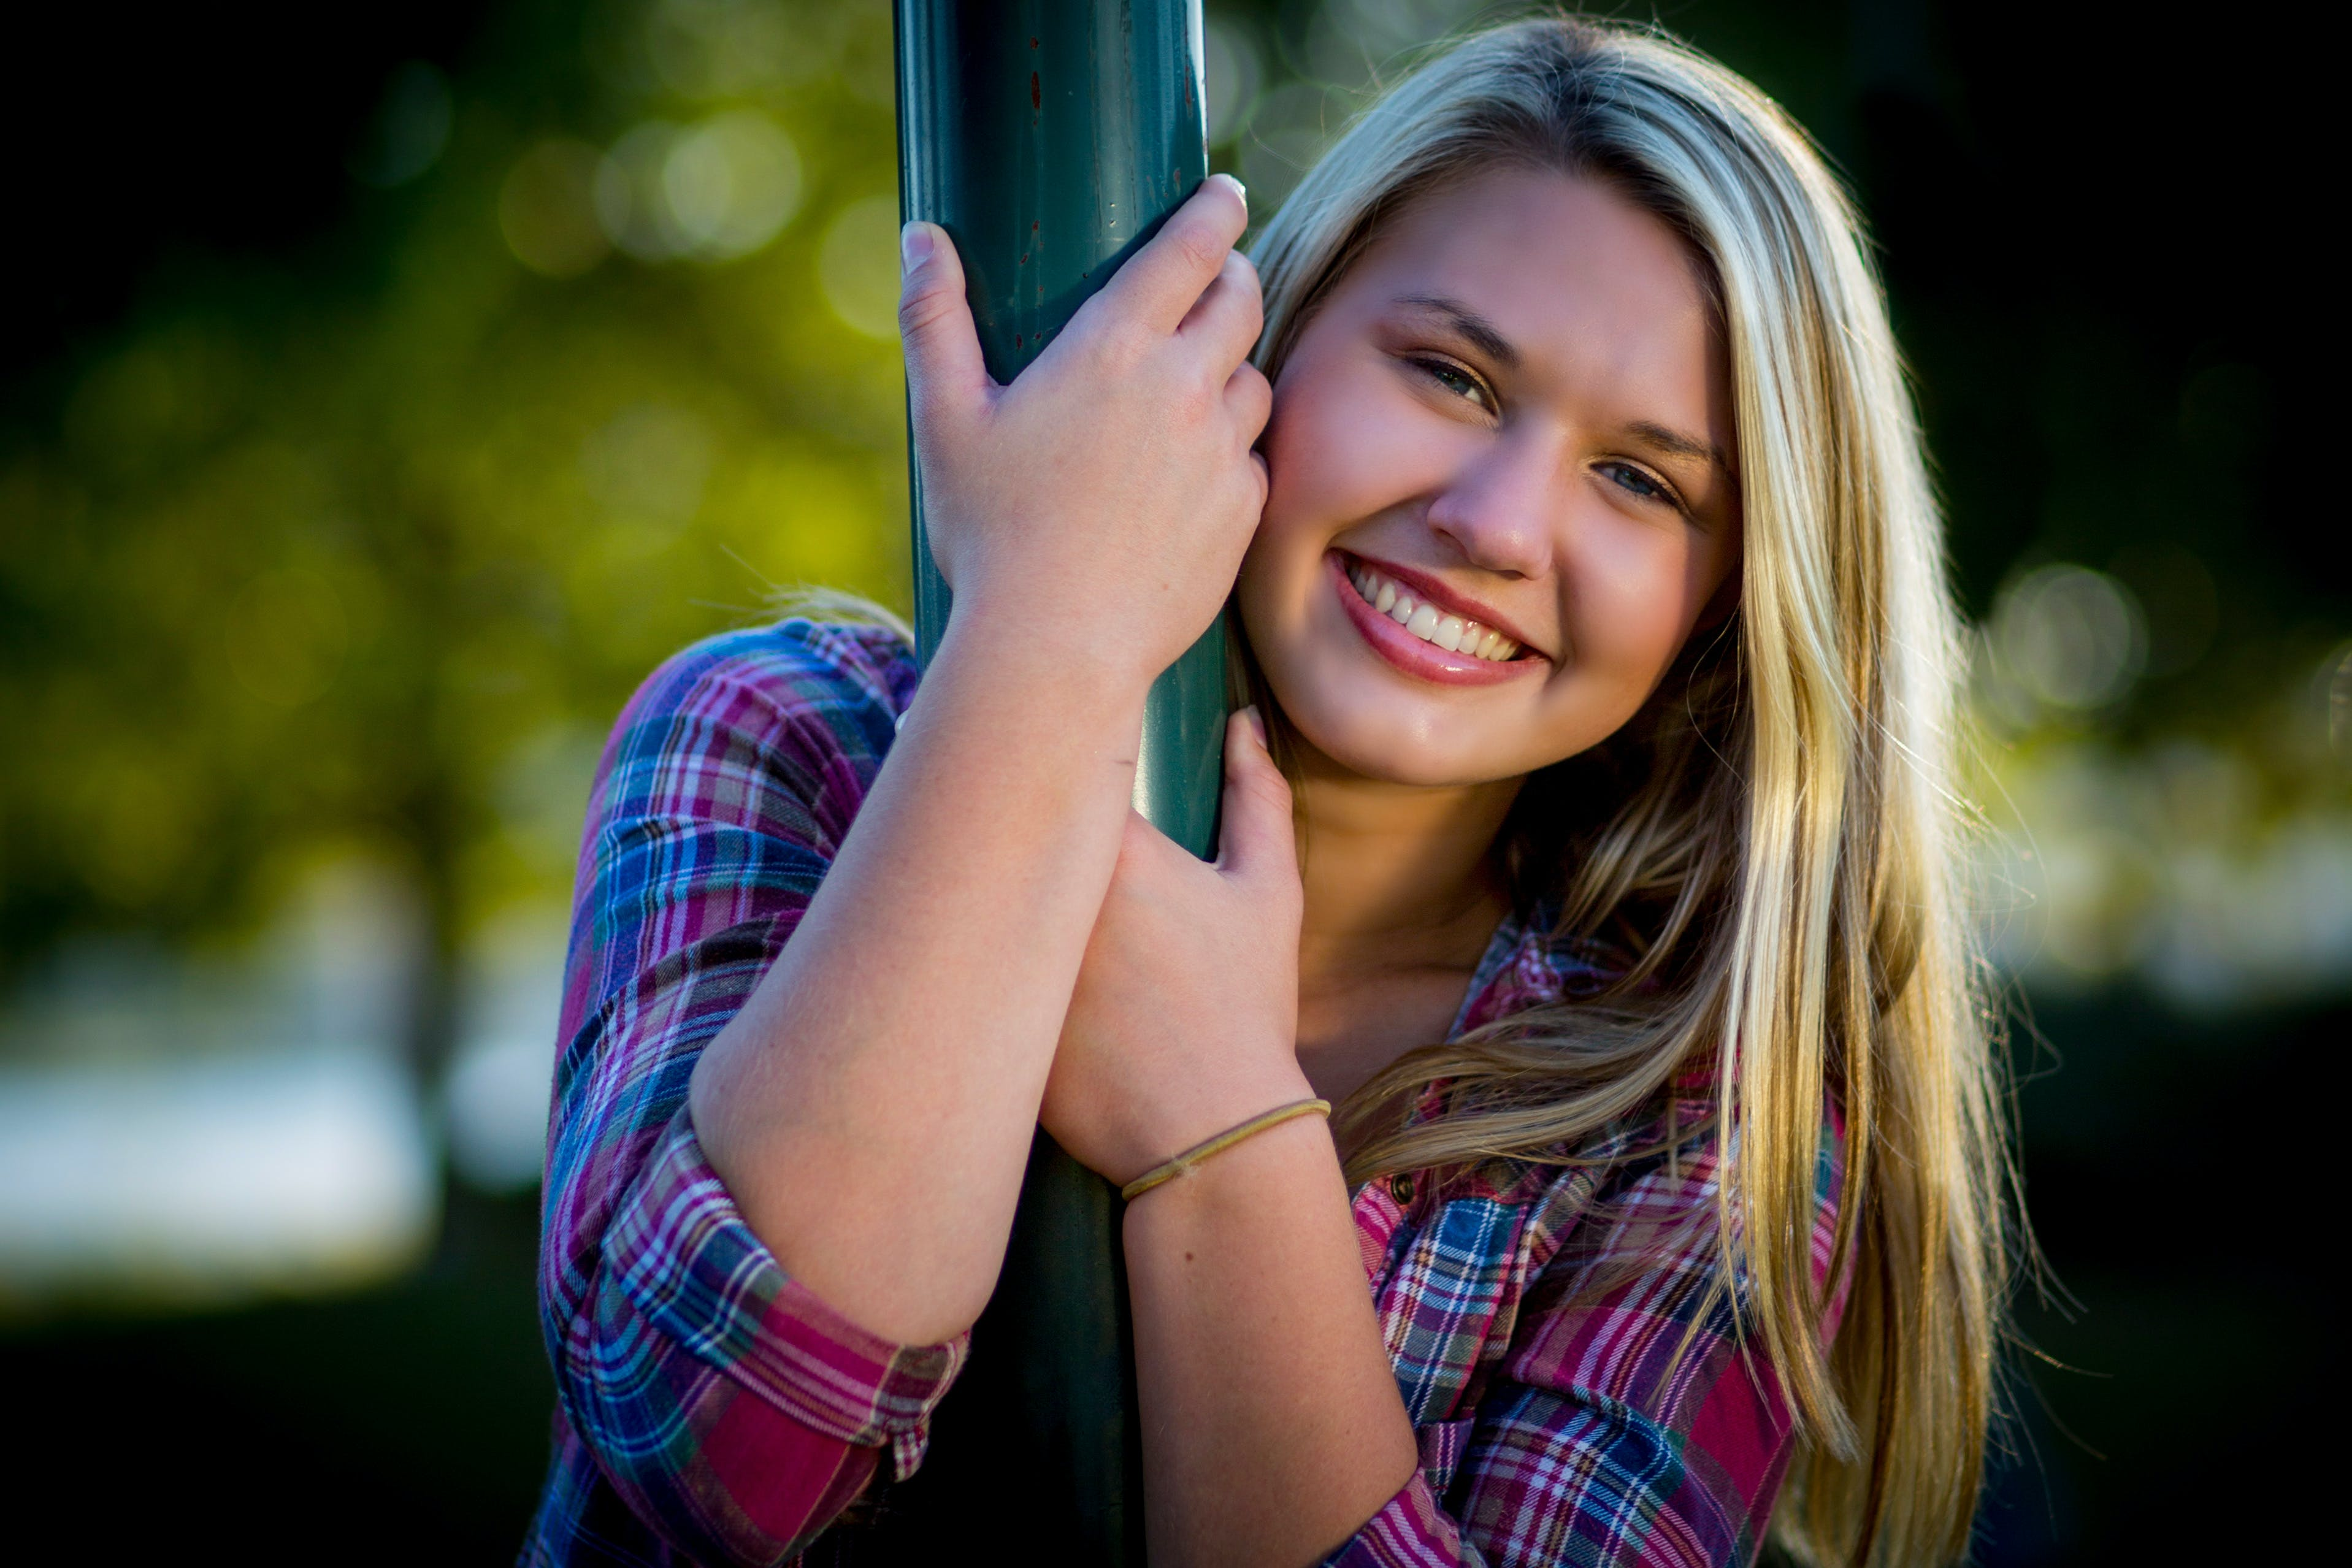 Kostenloses Stock Foto zu blond, blondes haar, frau, freude